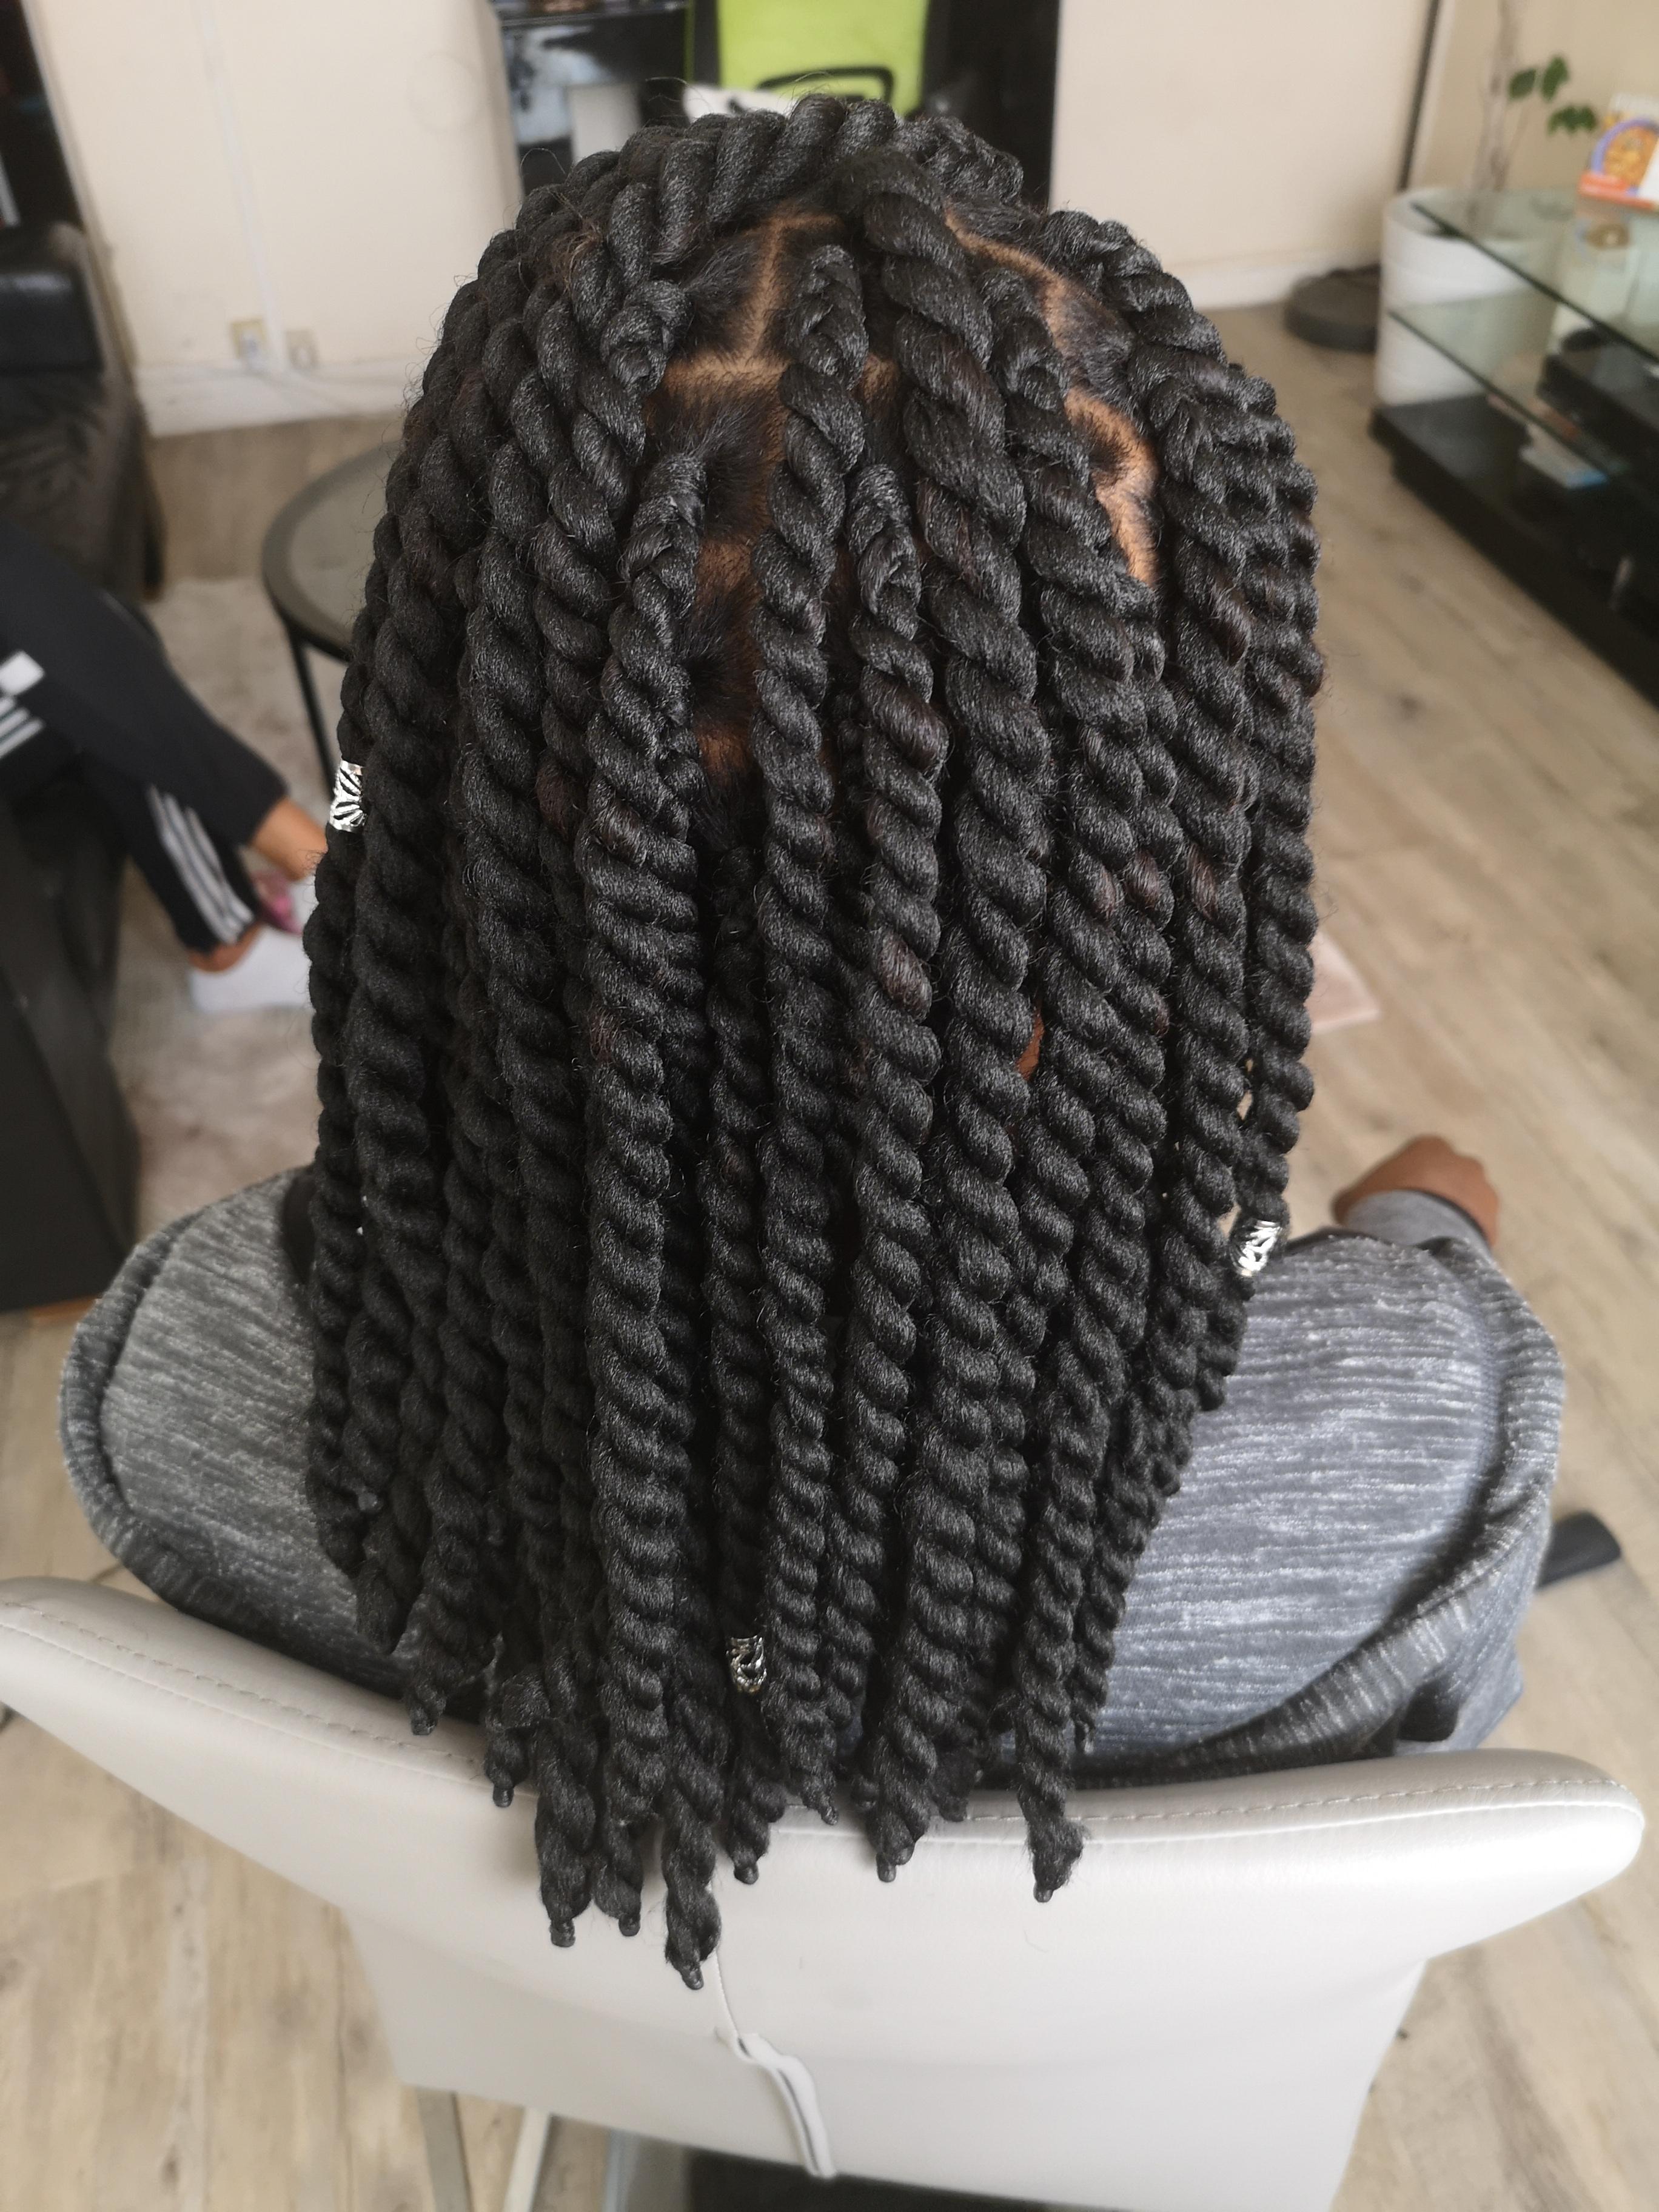 salon de coiffure afro tresse tresses box braids crochet braids vanilles tissages paris 75 77 78 91 92 93 94 95 AQBOJCKM